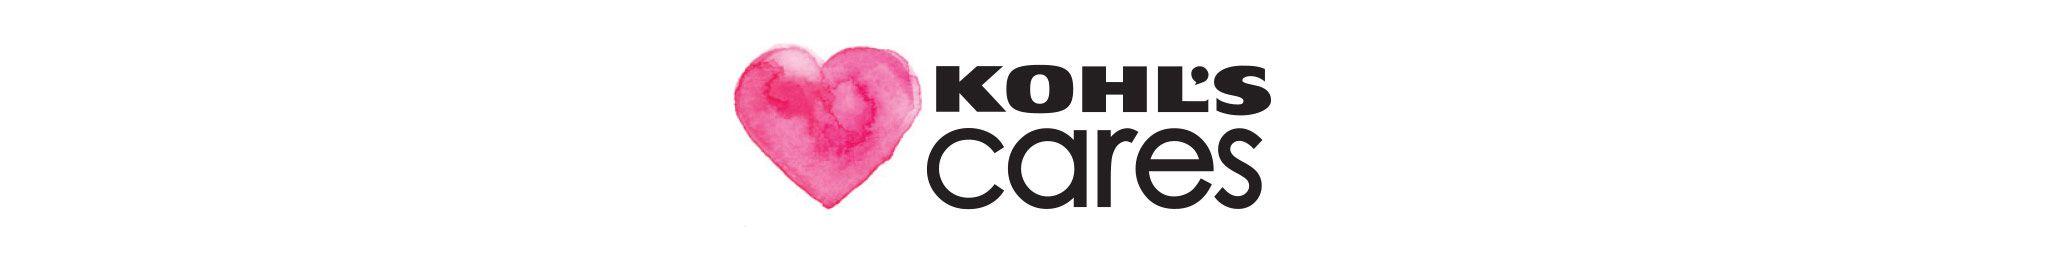 KohlsCares-040516-01-01